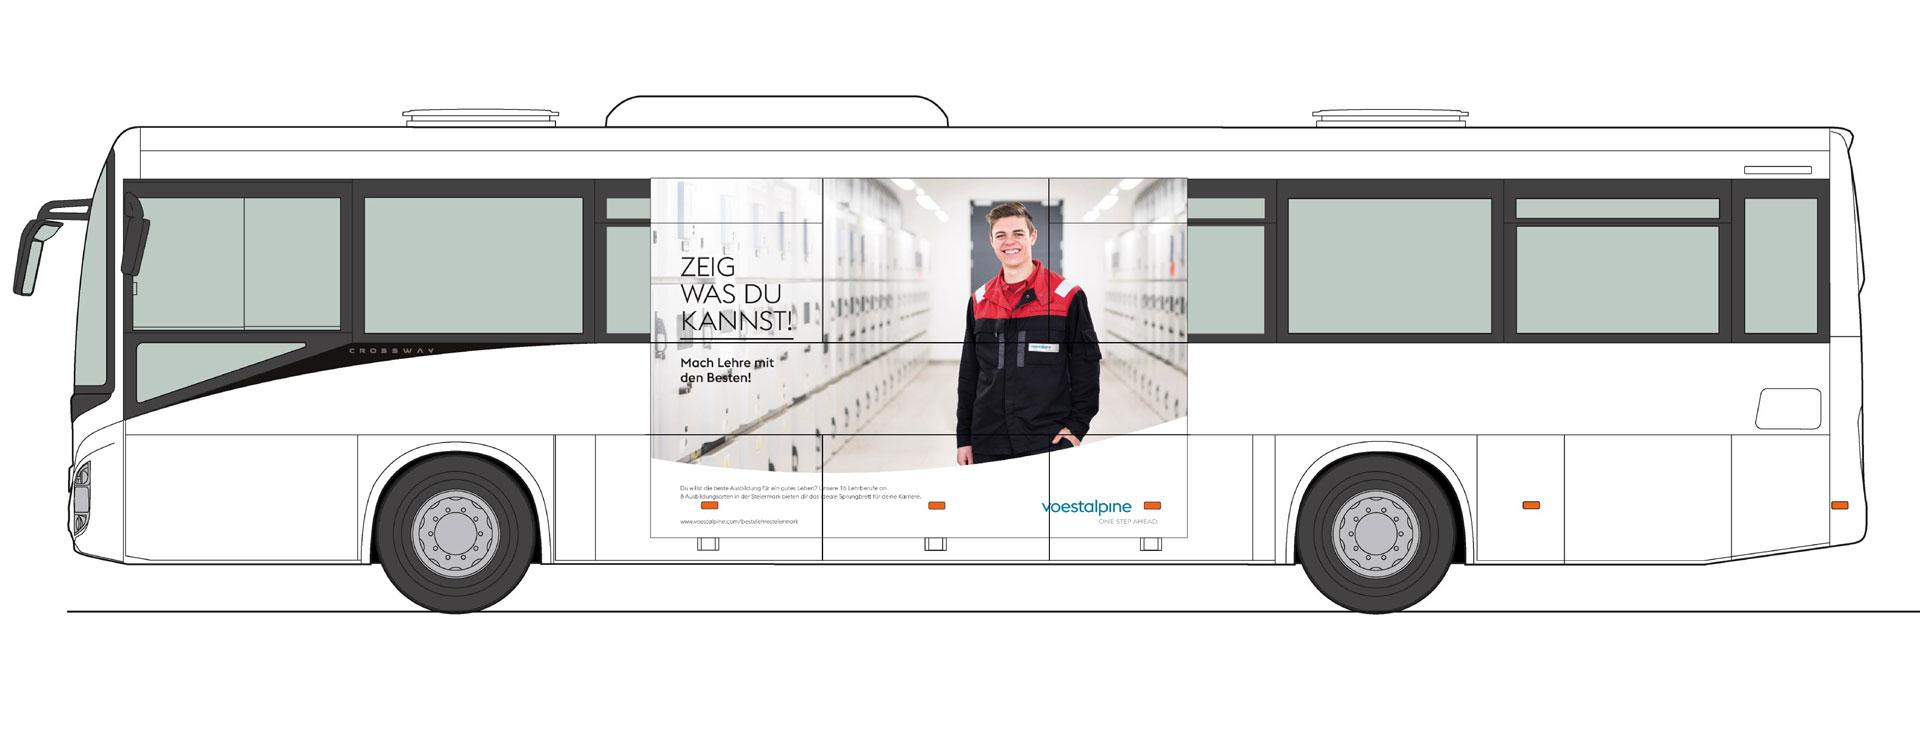 Werbemittel Lehrlings Kampagne von Werbeagentur look design für voestalpine